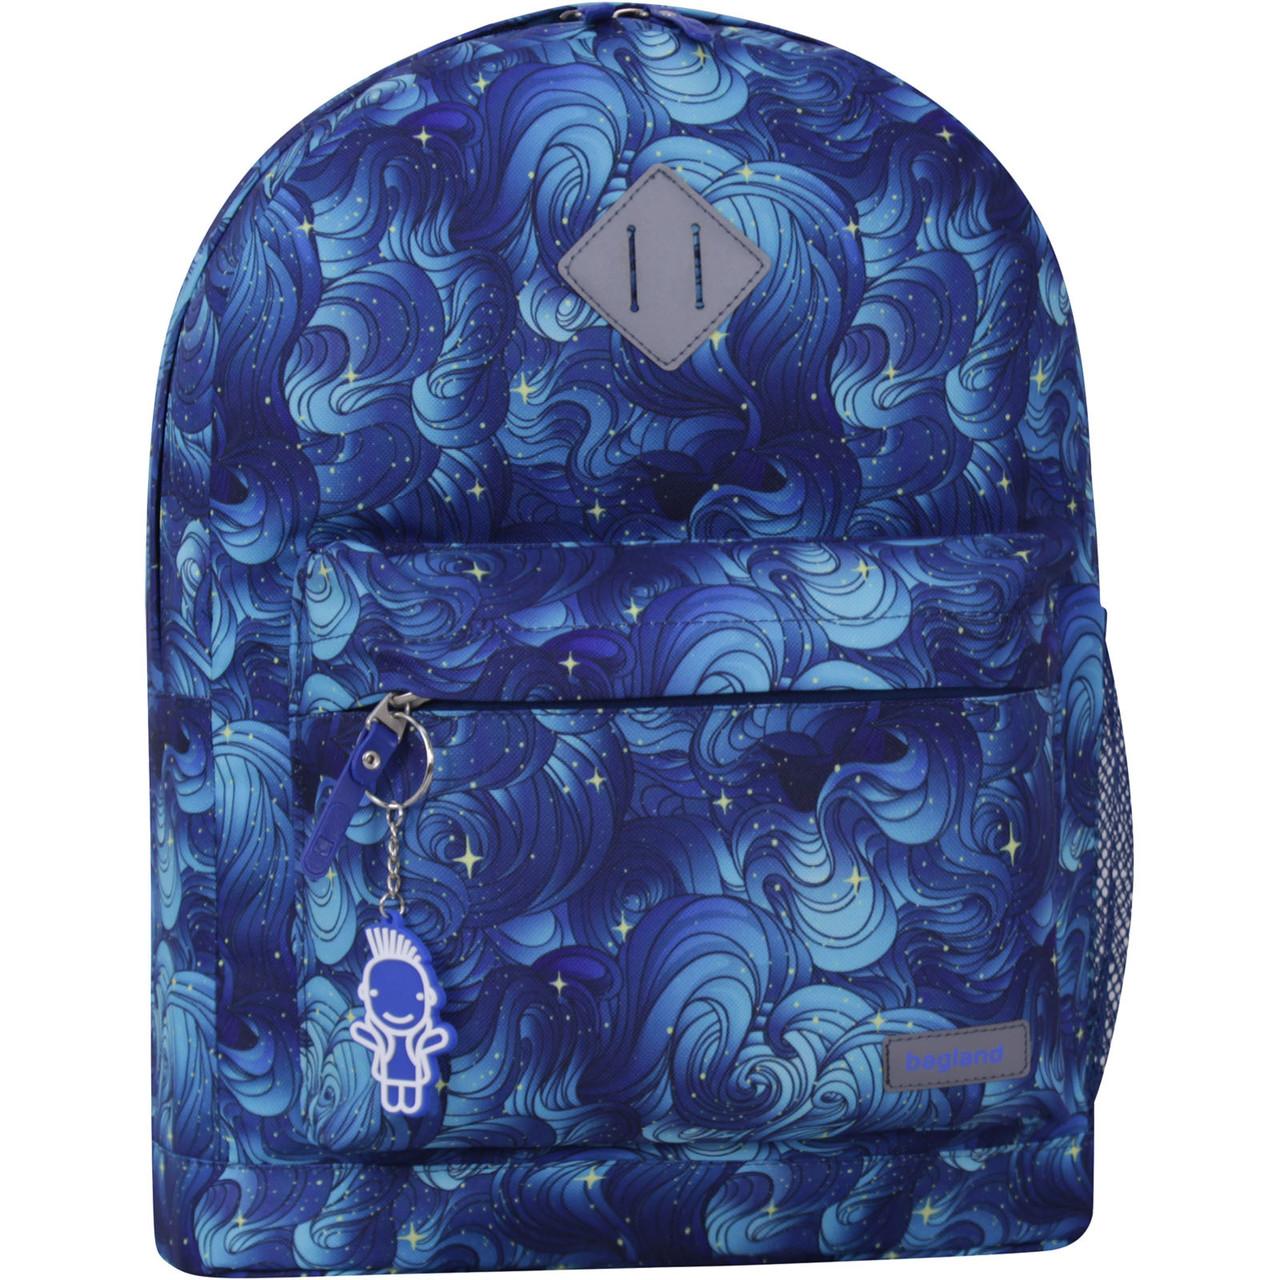 Рюкзак тканевый женский городской молодежный принт абстрактный Bagland 987 (00533664)